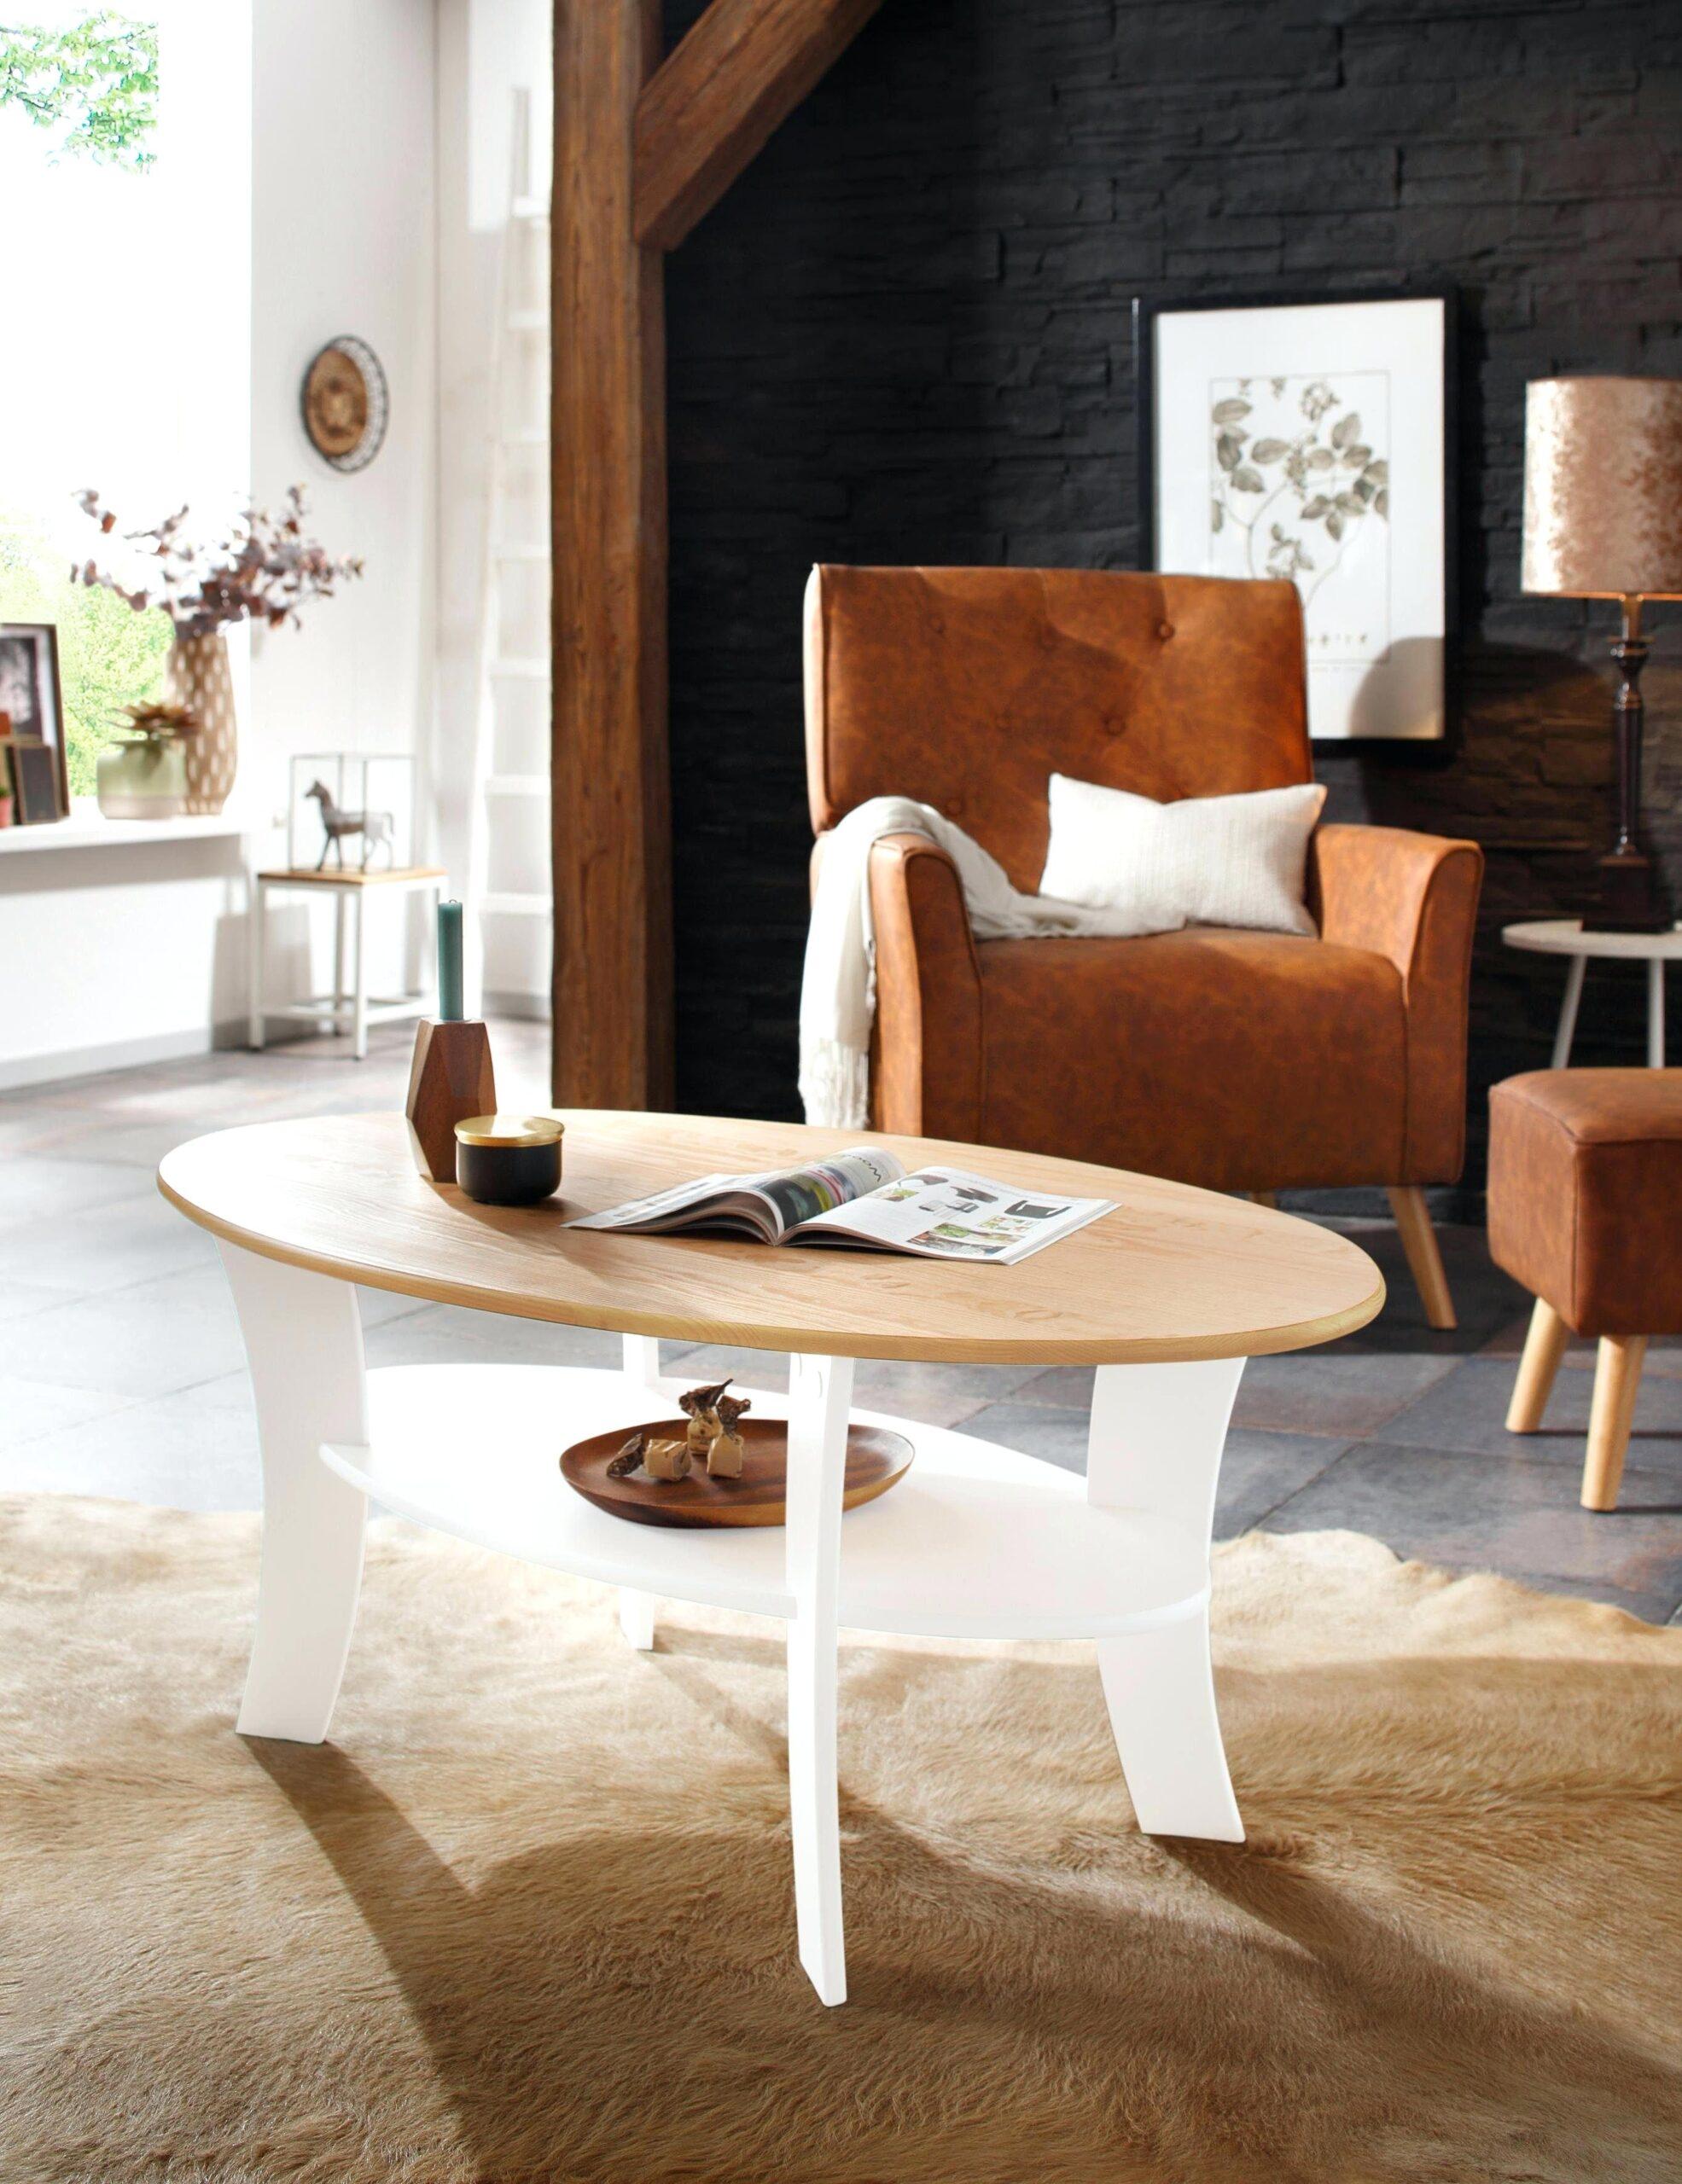 Full Size of Couch Beistelltisch Poco Sofa Expedit Buche E2 80 93 Magiccubes Big Bett 140x200 Küche Betten Bartisch Schlafzimmer Komplett Wohnzimmer Bartisch Poco